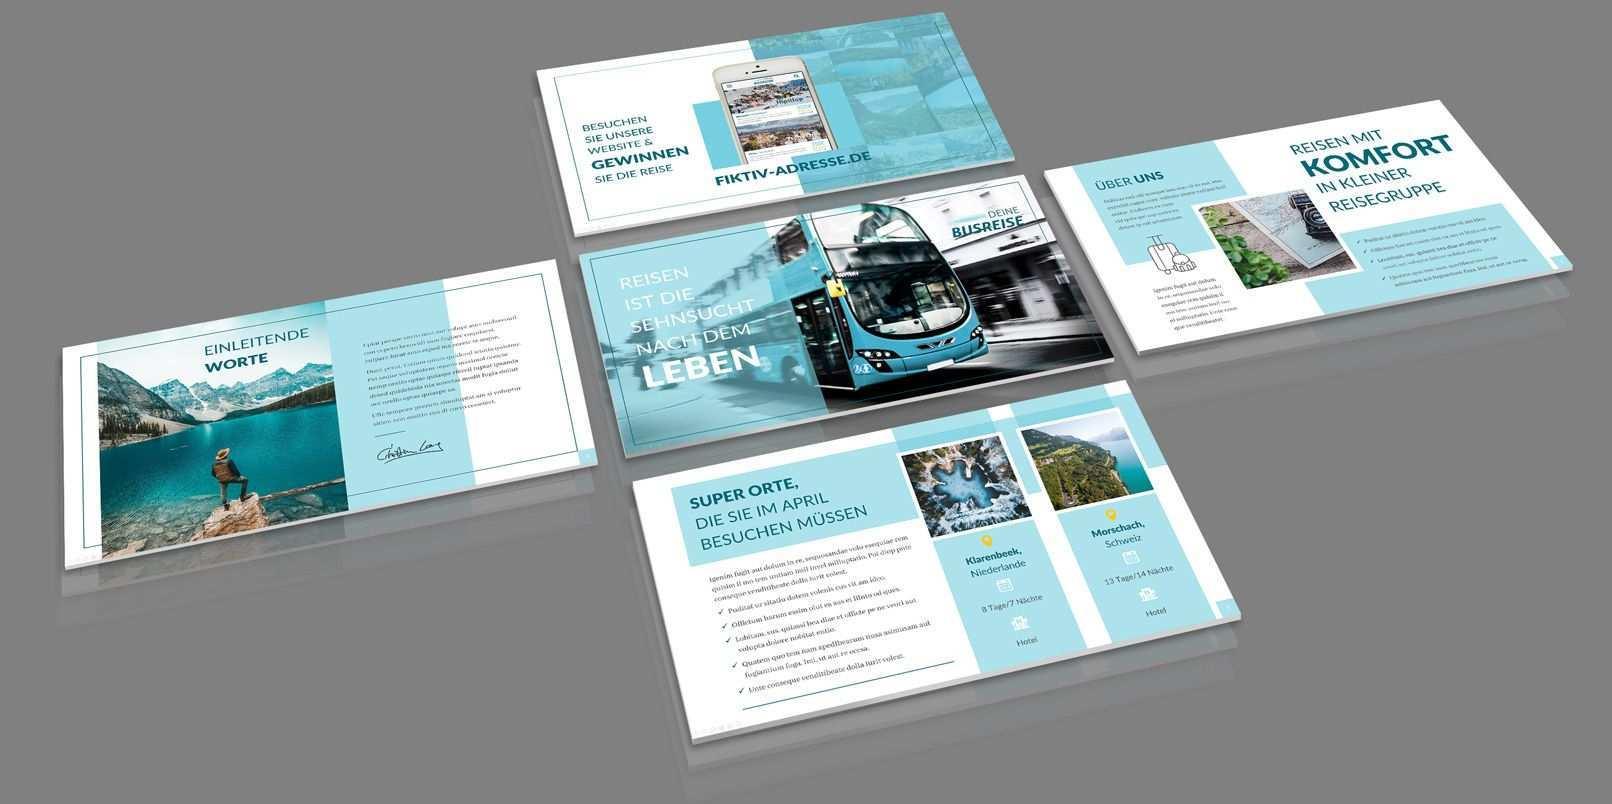 Prasentationsvorlagen Fur Powerpoint Layouts Fur Designstarke Folien Powerpoint Vorlagen Power Point Vorlagen